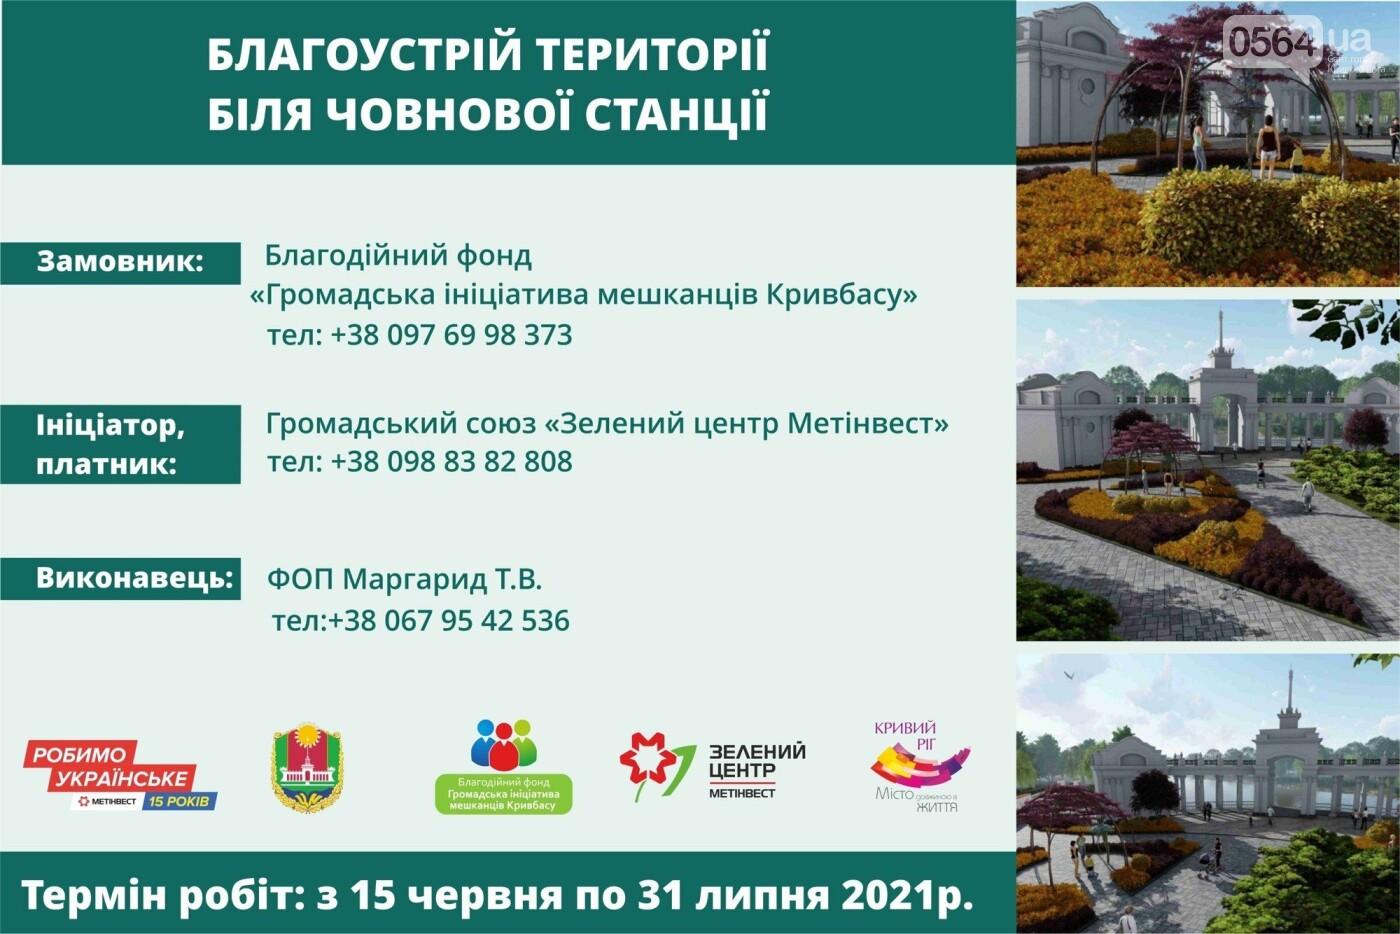 Нова зона відпочинку у Кривому Розі: Зелений центр Метінвест допомагає облаштувати парк ім. Ф. Мершавцева, фото-5